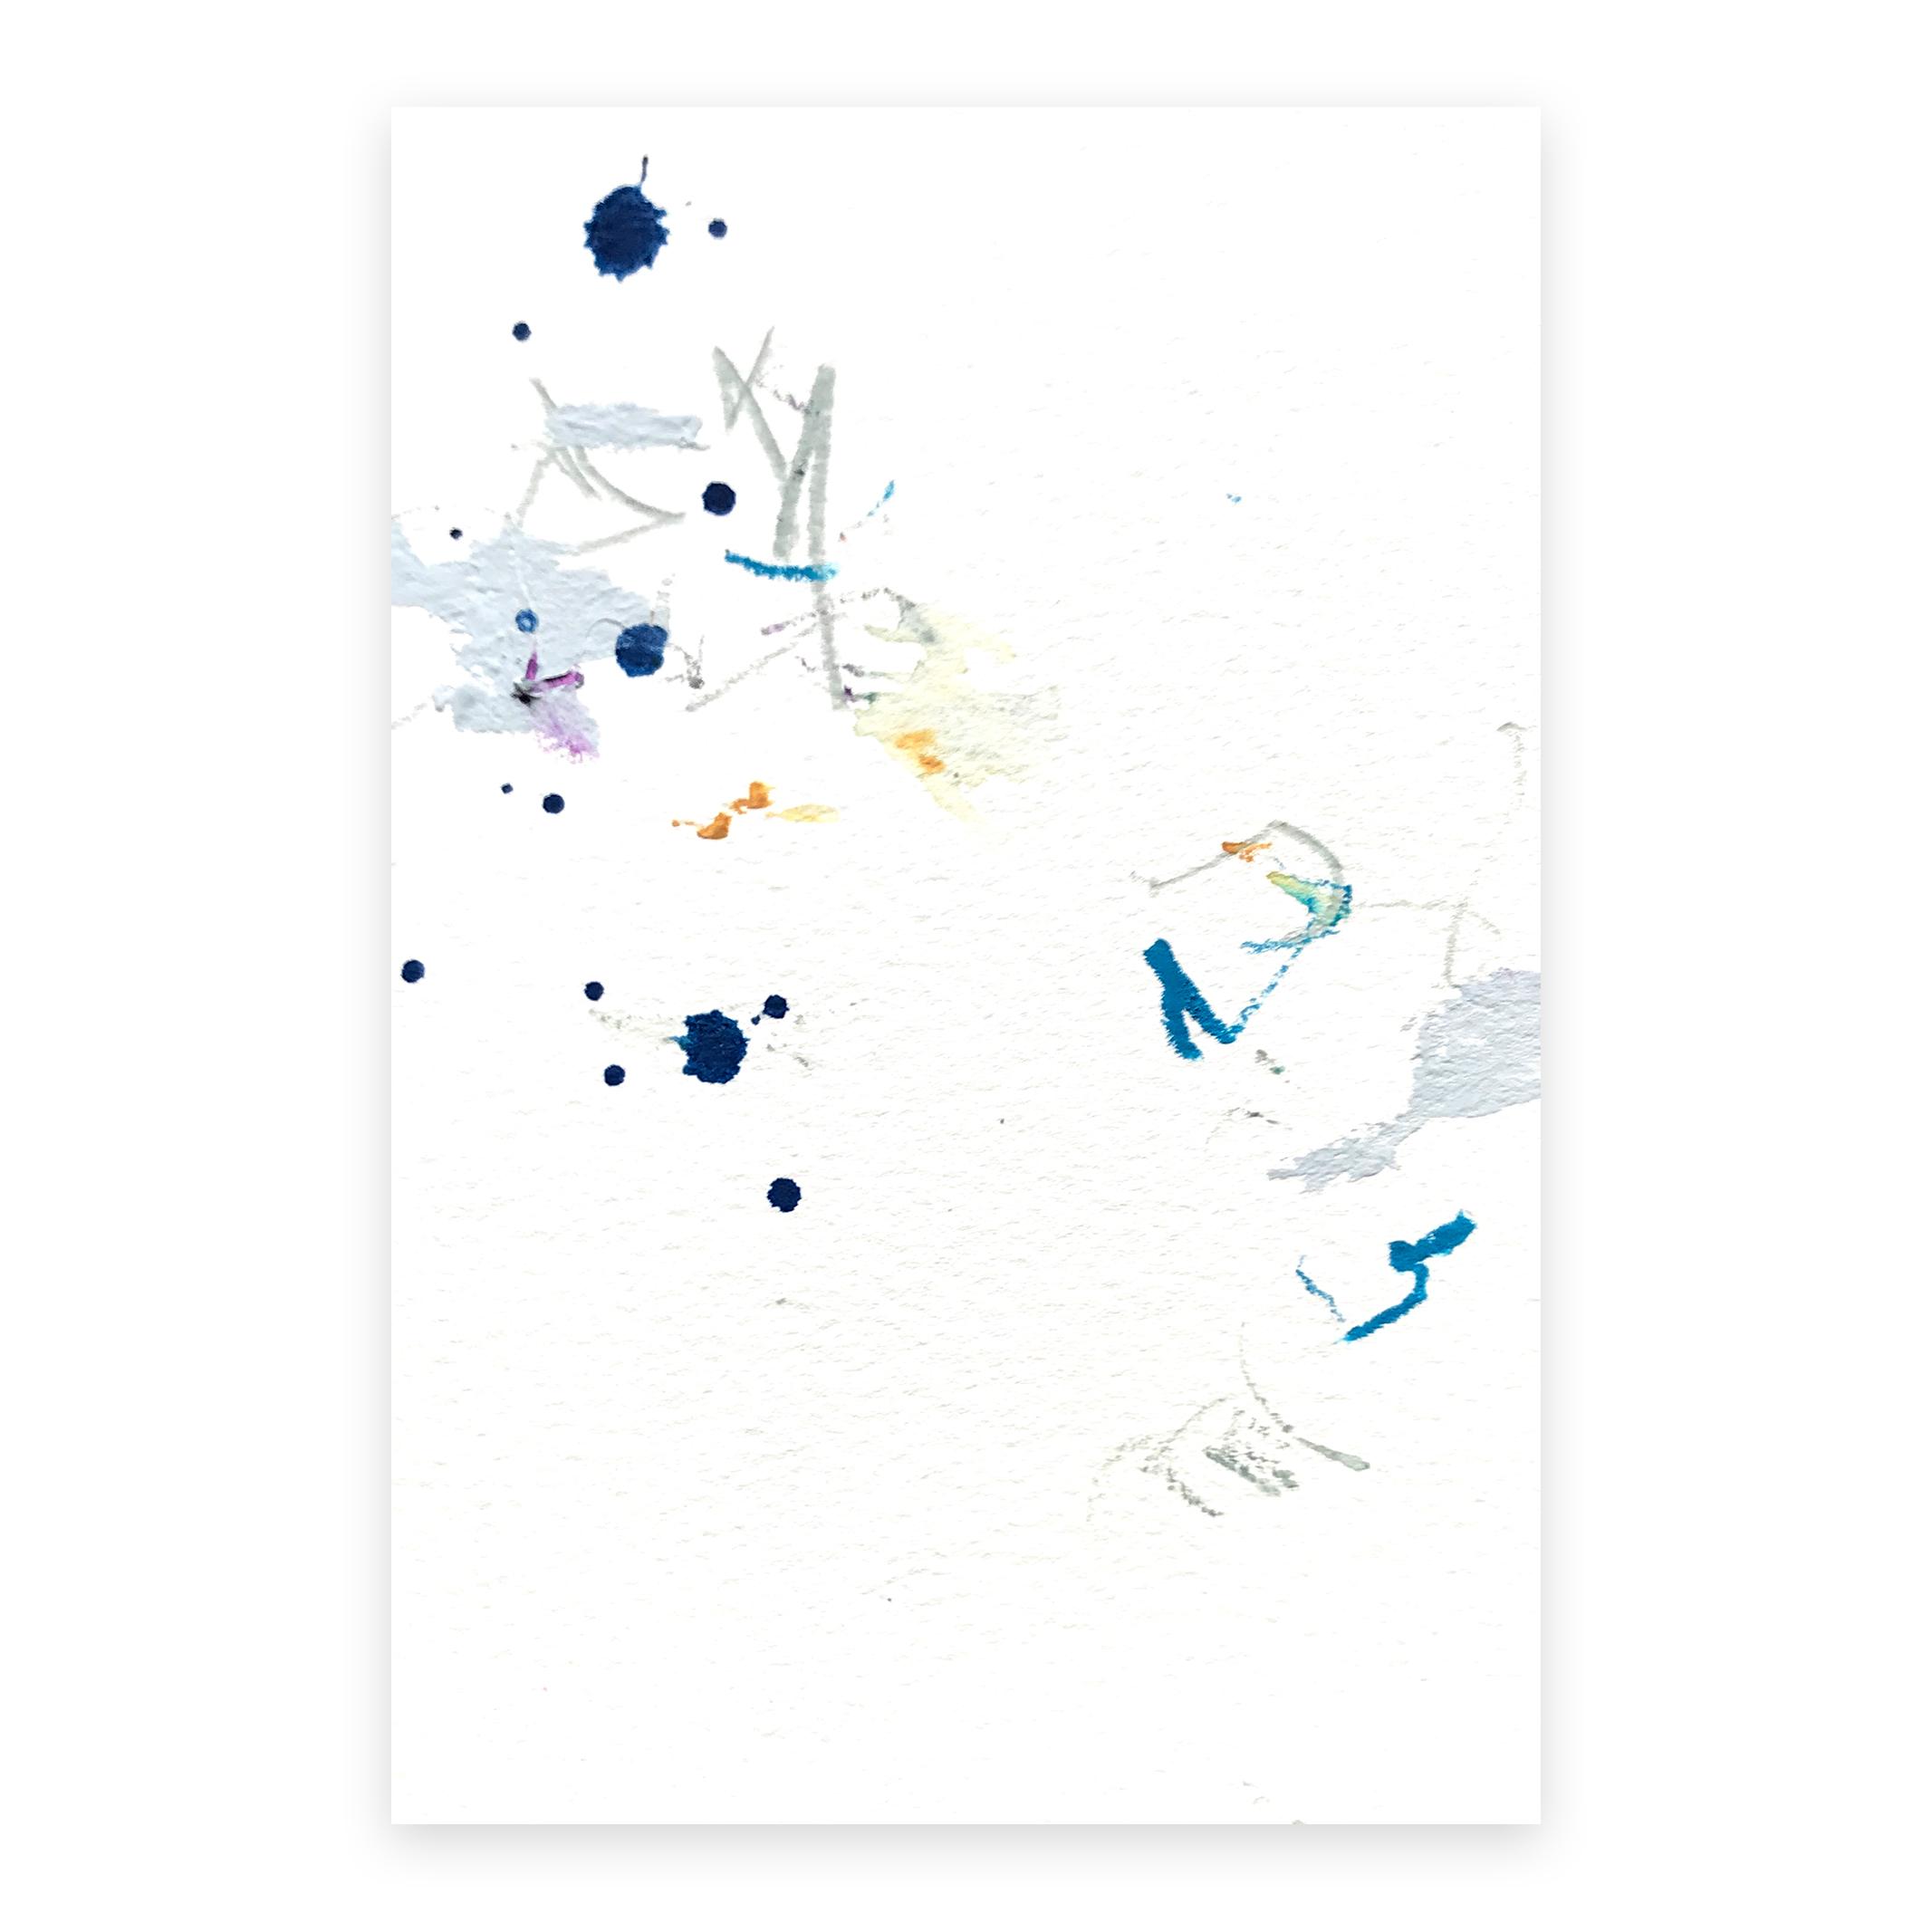 dd_nov05182  Mixed media on paper 14.8×10cm